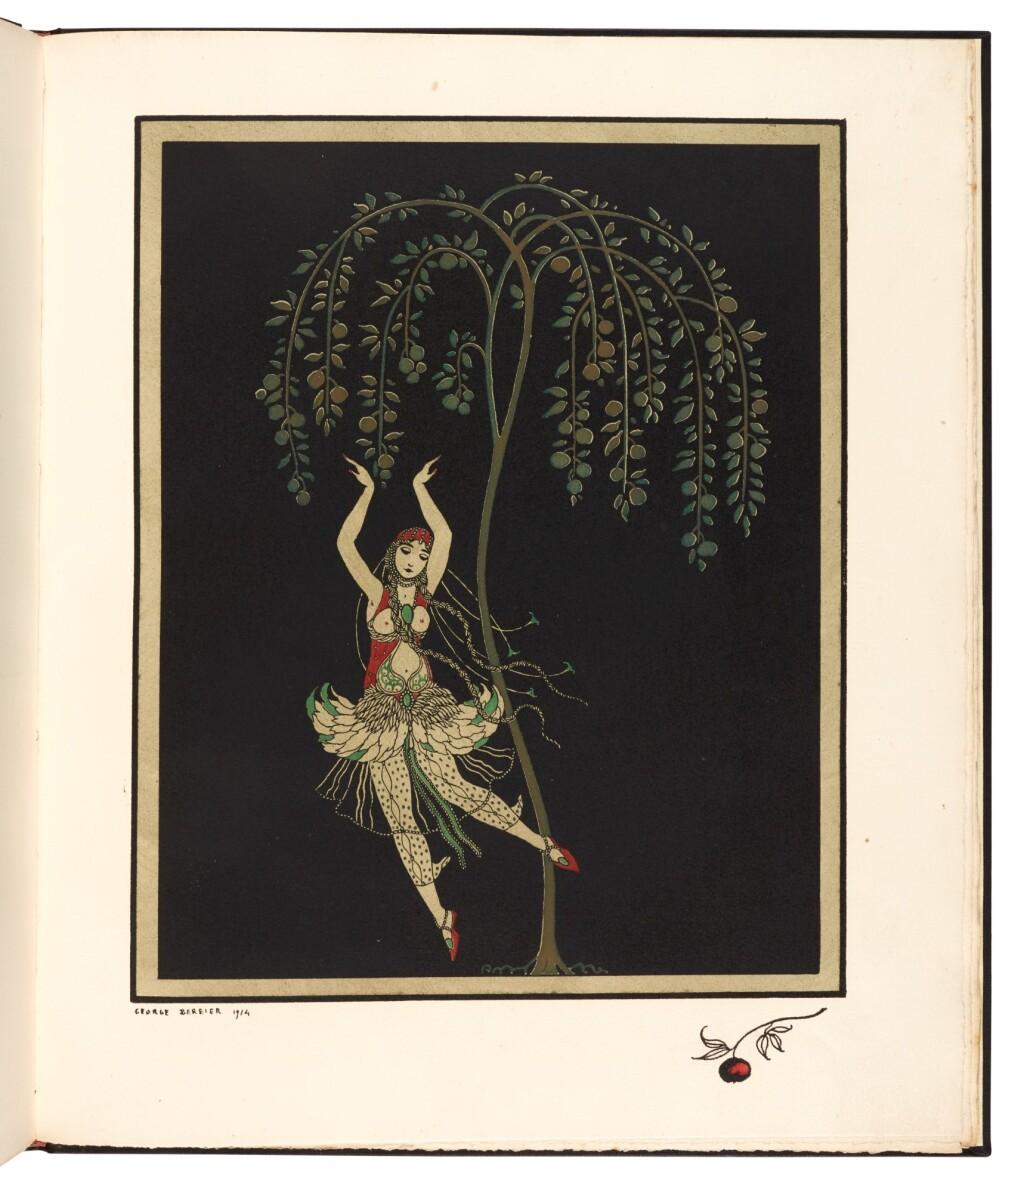 BARBIER, GEORGE AND JEAN-LOUIS VAUDOYER | ALBUM DÉDIÉ À TAMAR KARSAVINA. PARIS: PIERRE CORRARD, 1914